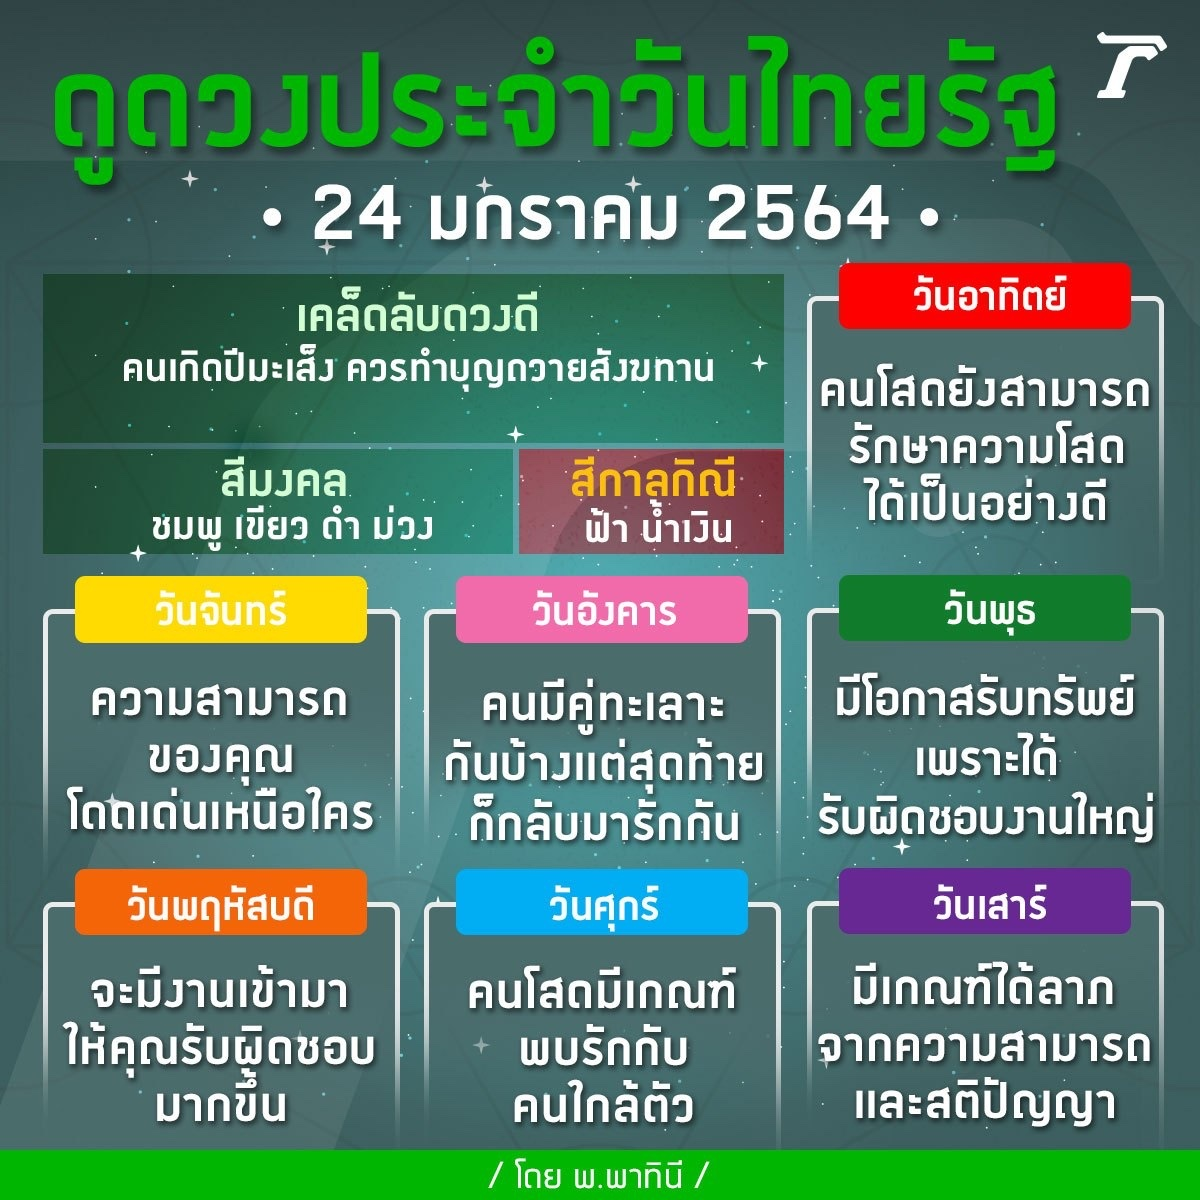 ดวงวันนี้มาแล้วจ้า ดูดวงไทยรัฐโดยหมอดูชื่อดังรวมไว้ที่นี่>> https://t.co/X7GqC8SFtz #horoscope #ดวงไทยรัฐ #ไทยรัฐออนไลน์ #Thairath https://t.co/Pfv5uiAyTj